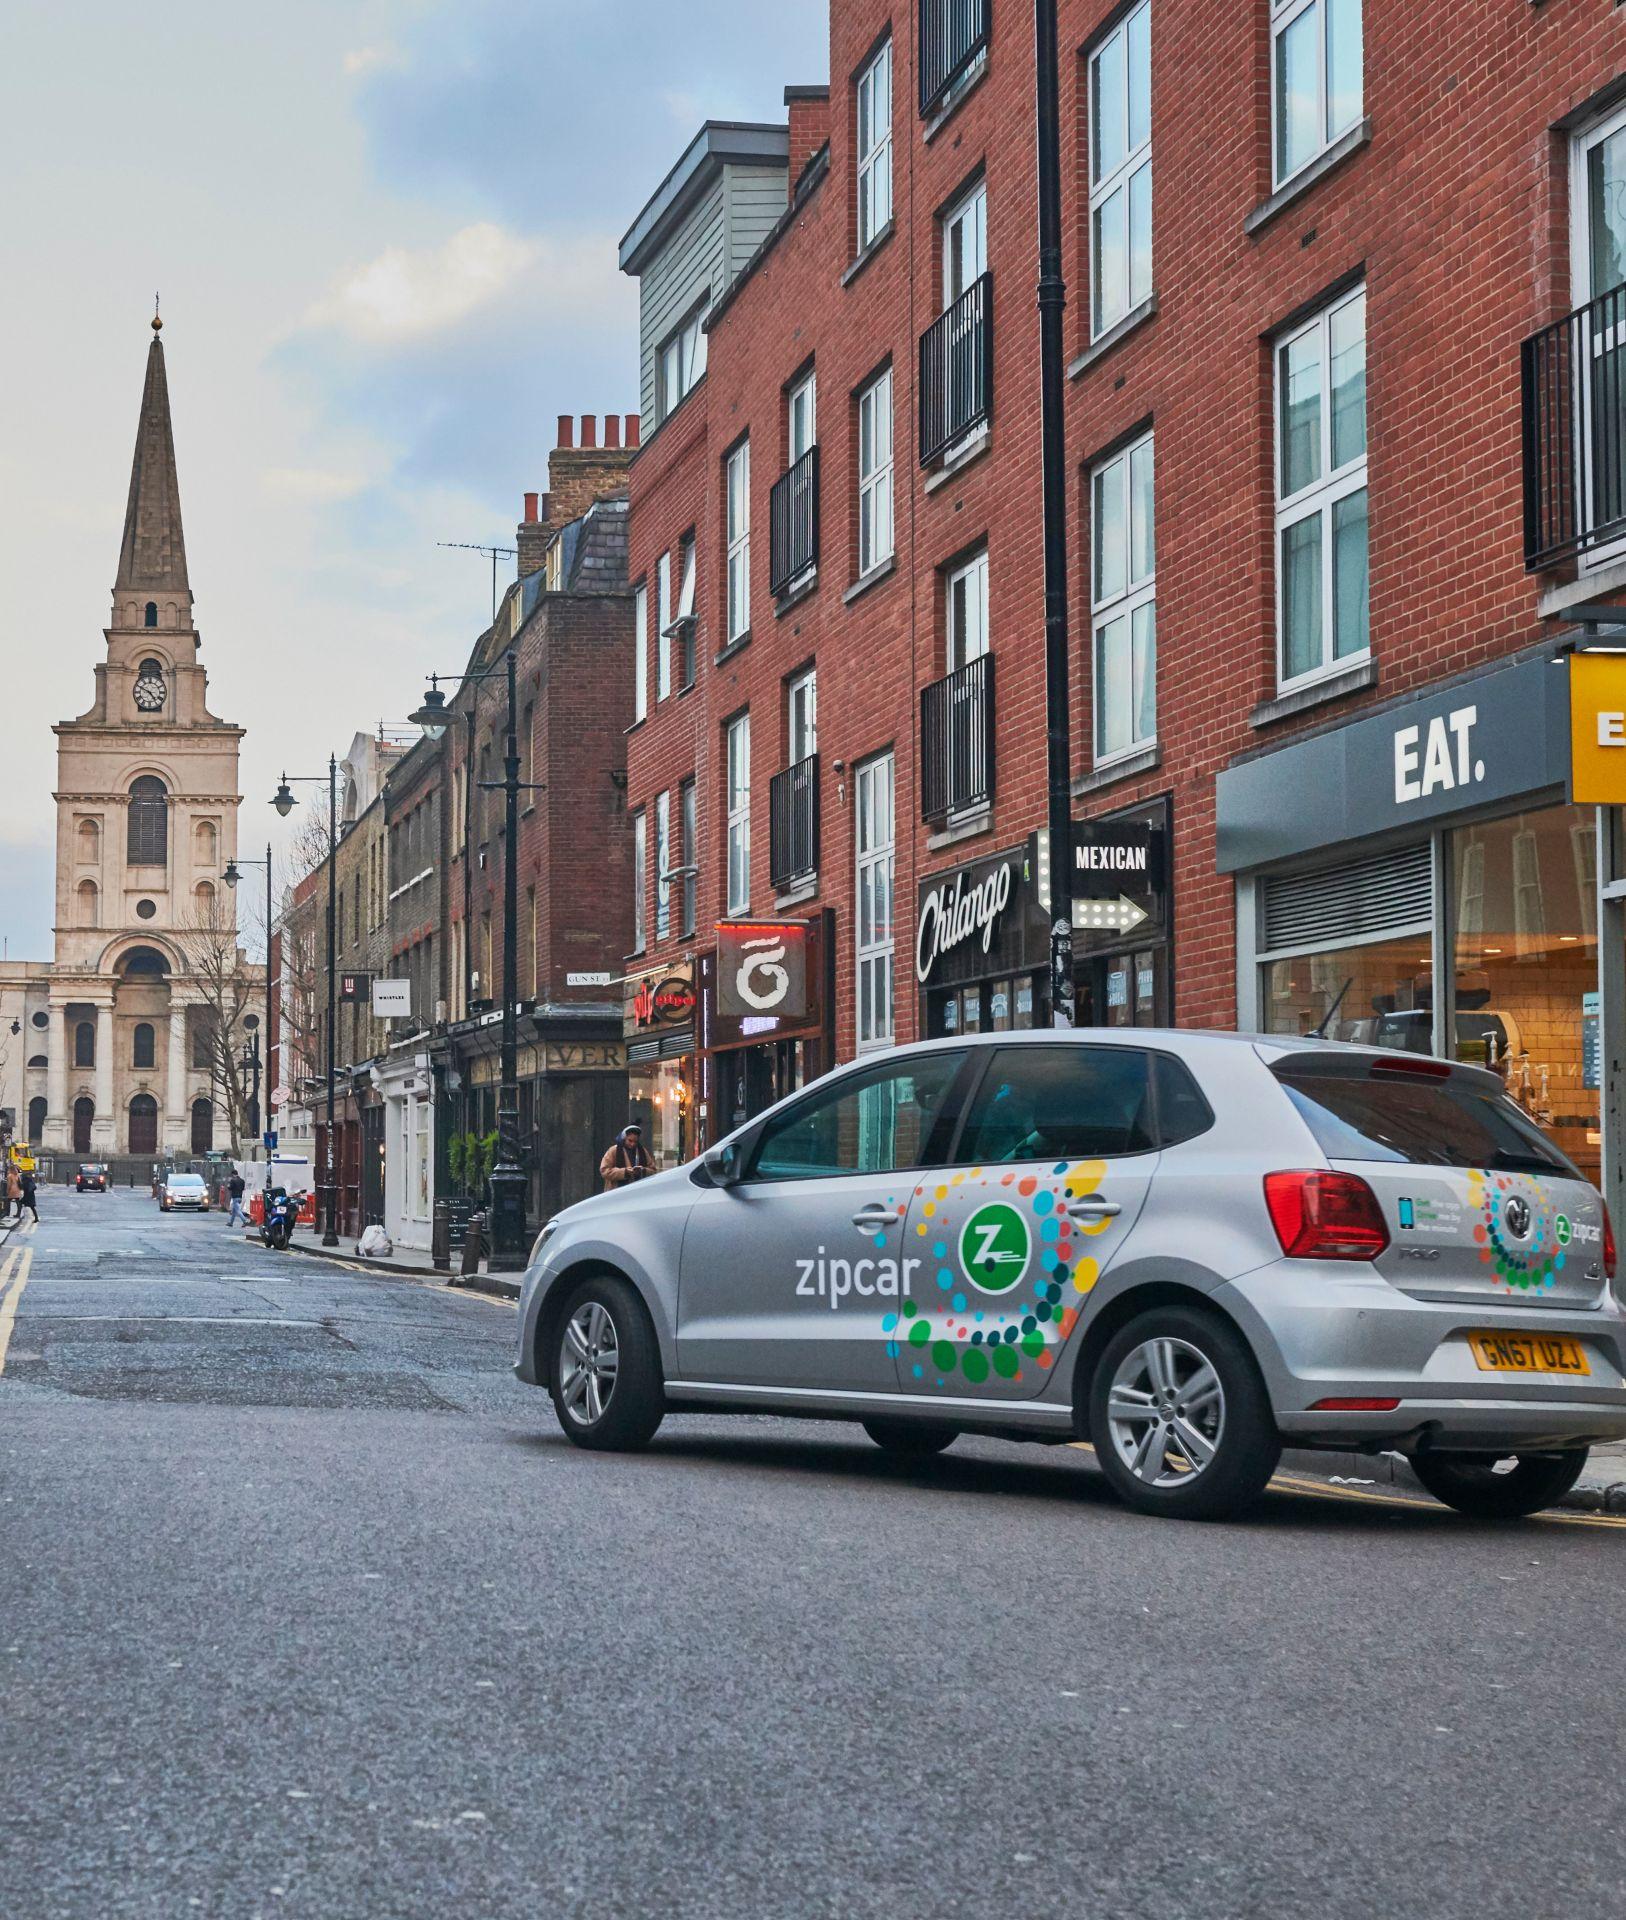 zipcar by spitalfields